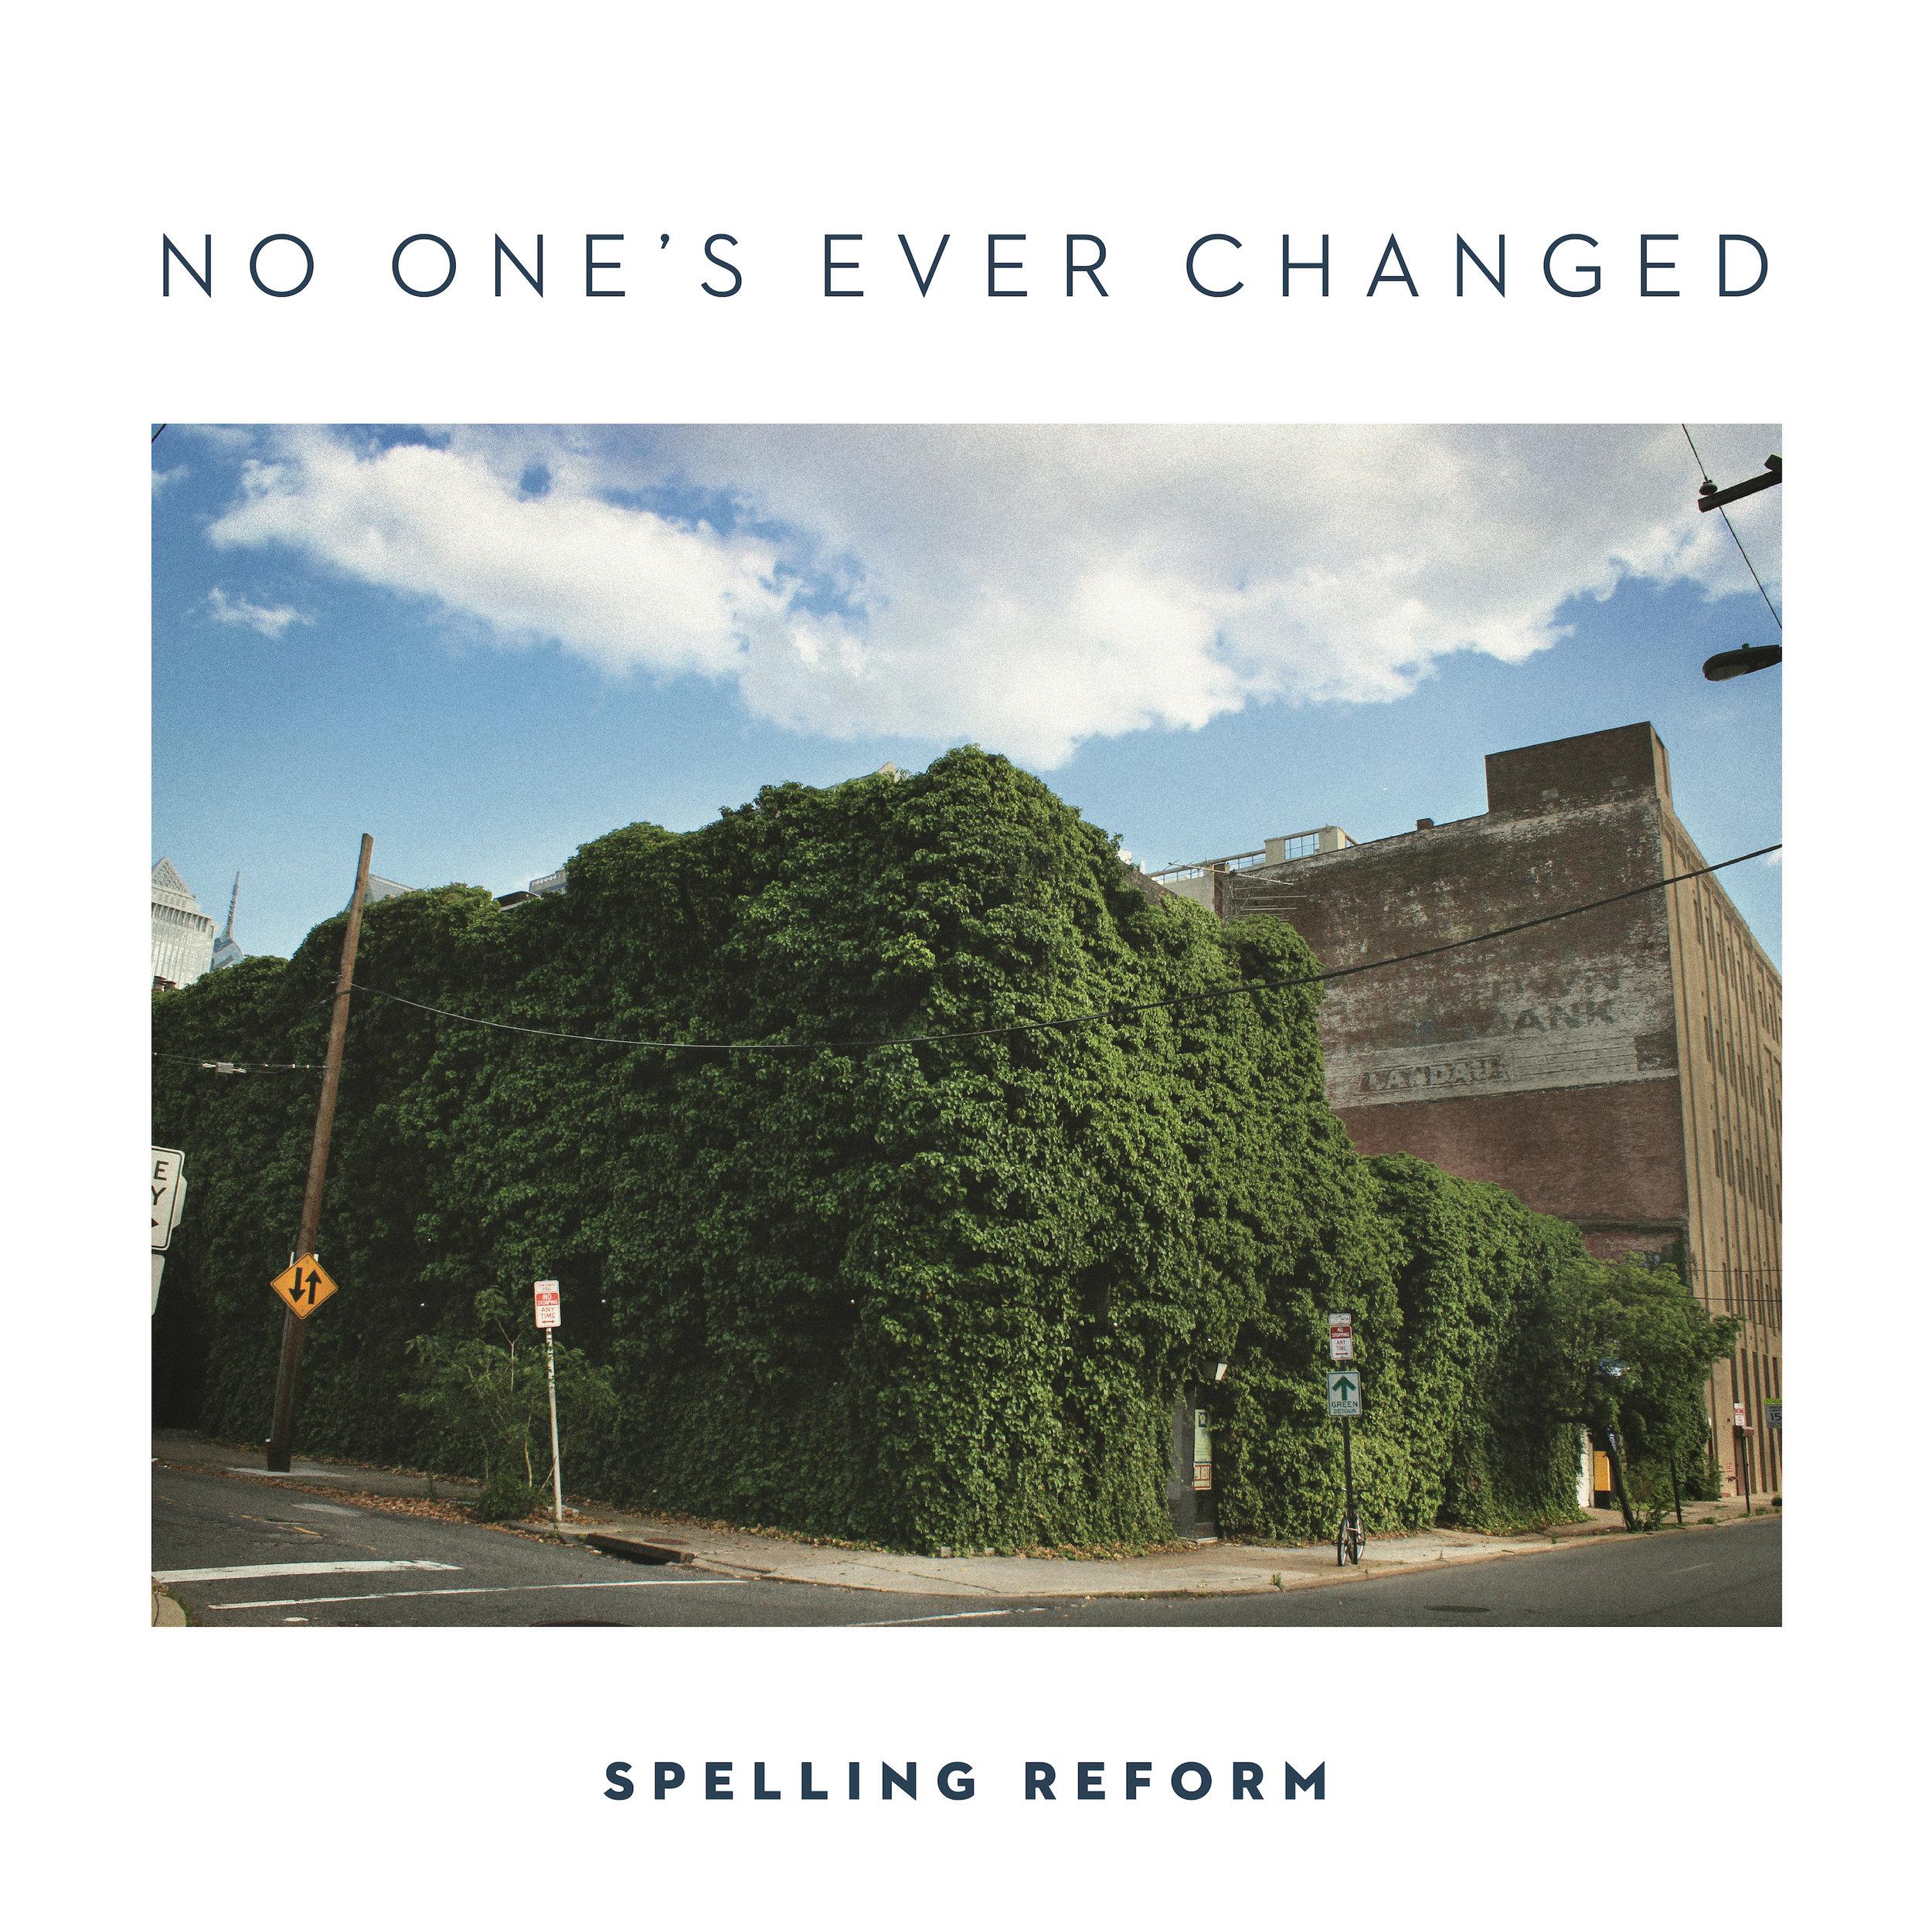 spellingreform_cover.jpg